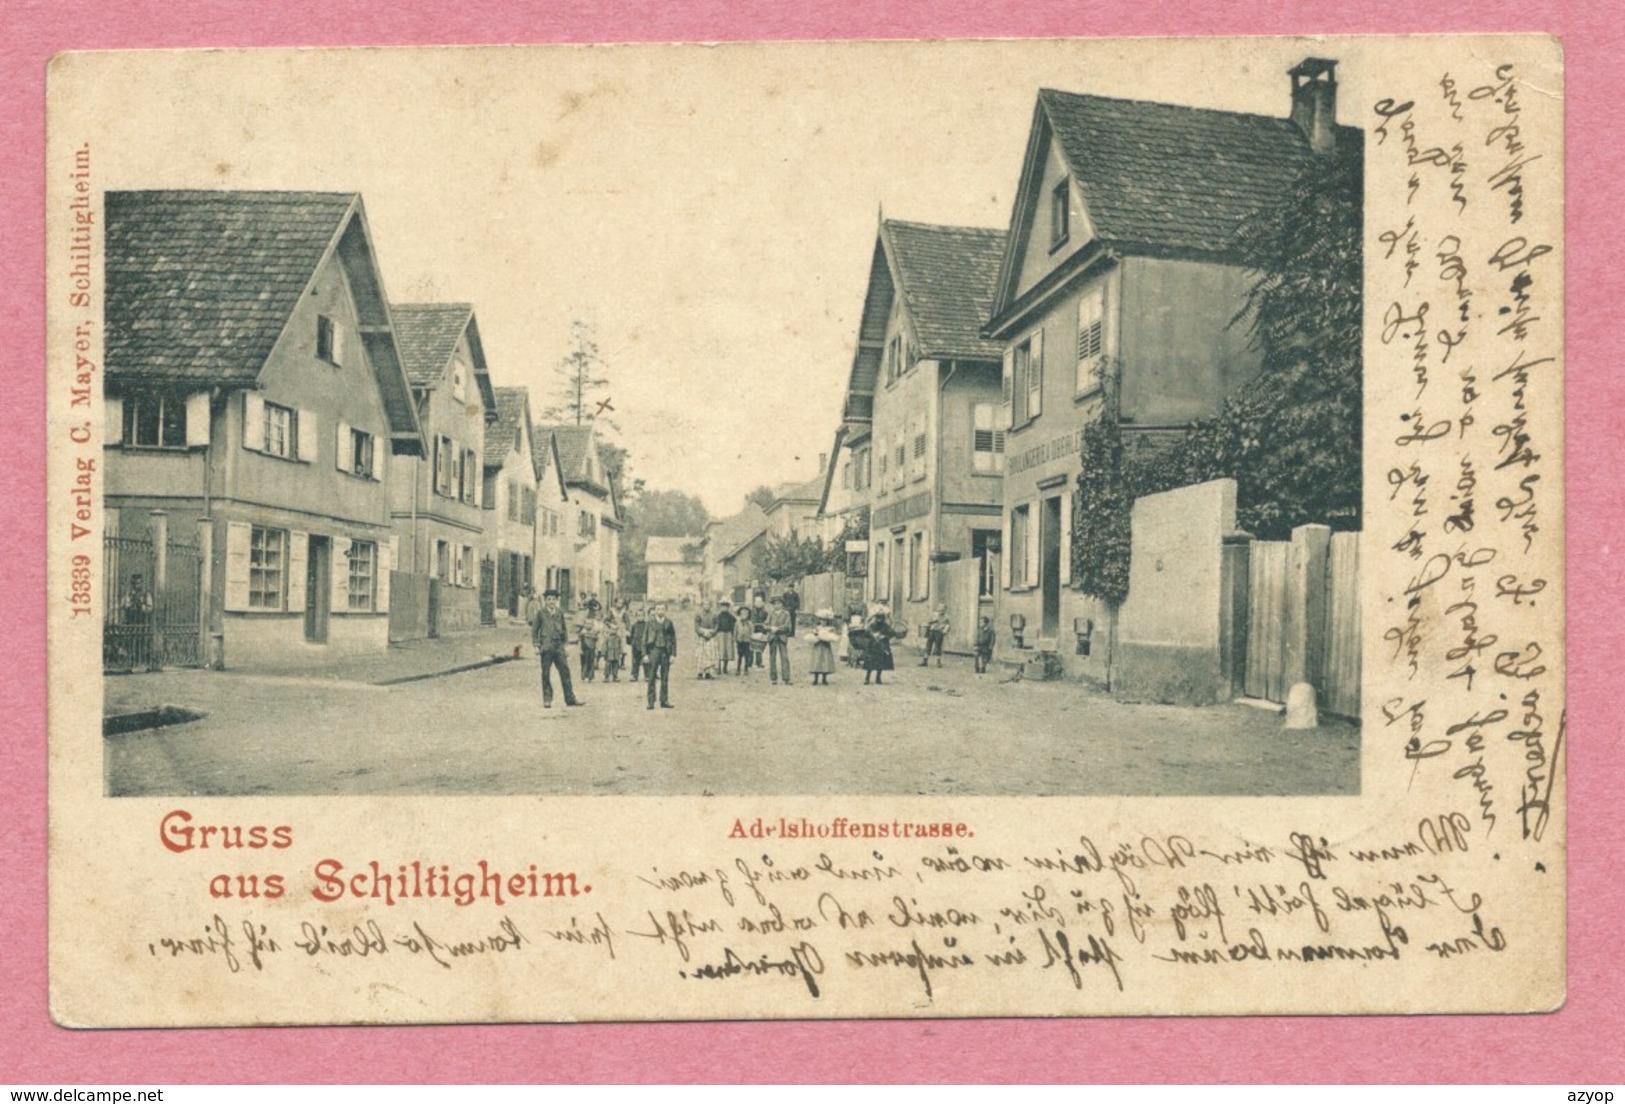 67 - GRUSS Aus SCHILTIGHEIM - Adelshoffenstrasse - Schiltigheim